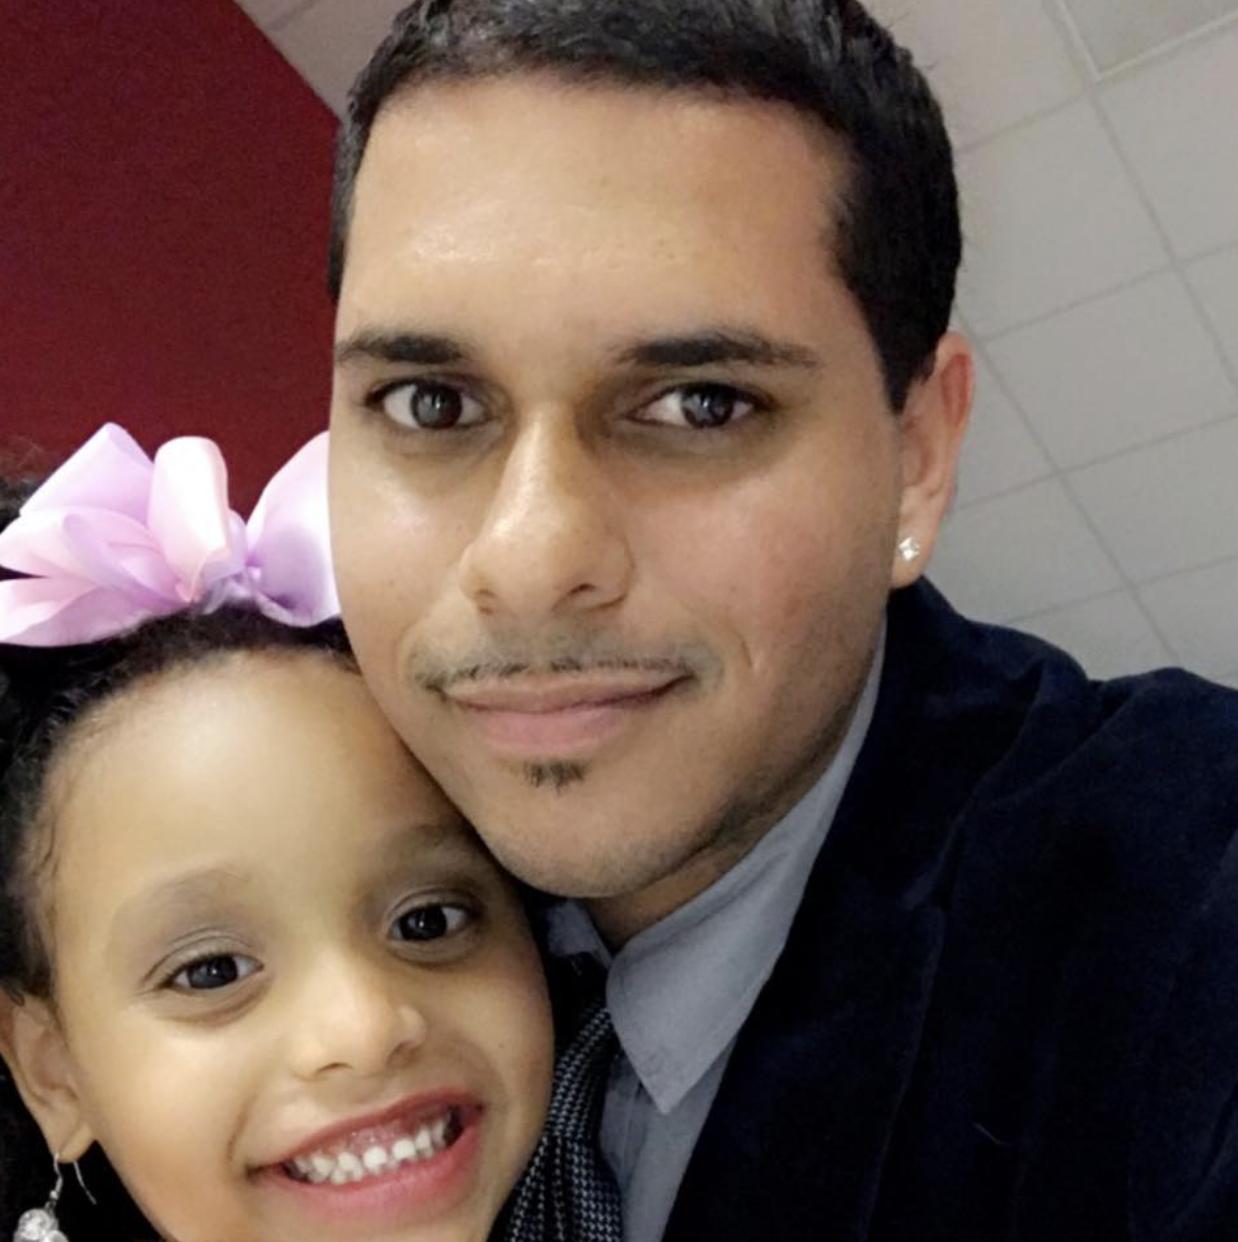 Justin & daughter